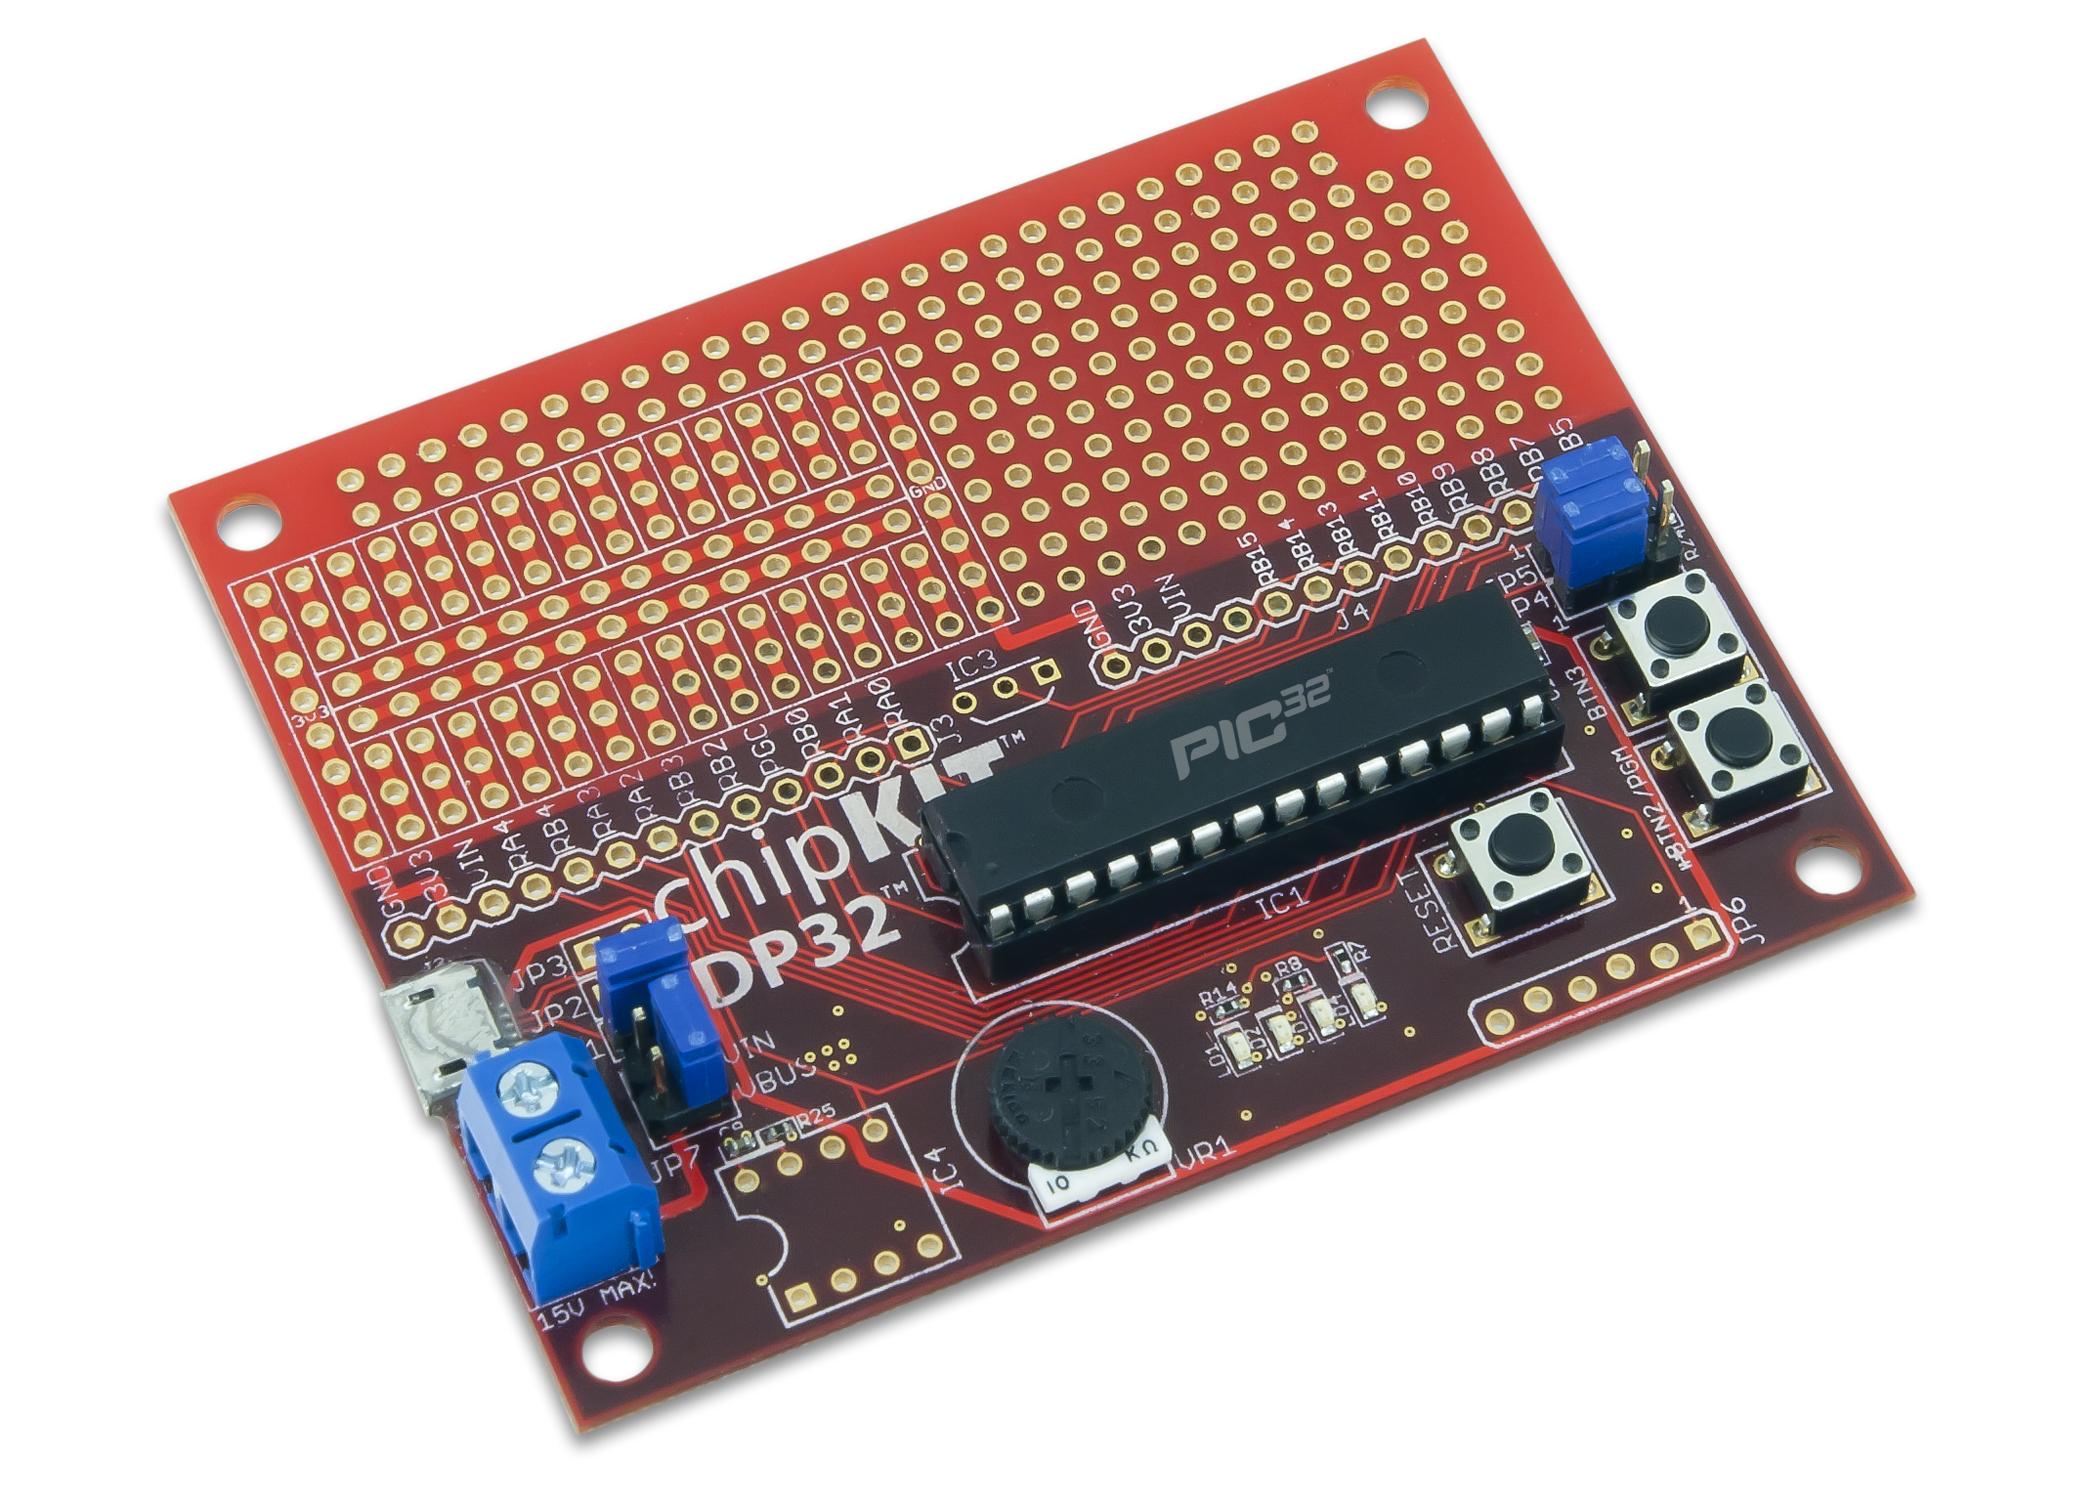 chipkit_dp32:chipkit-dp32-obl-2100.jpg